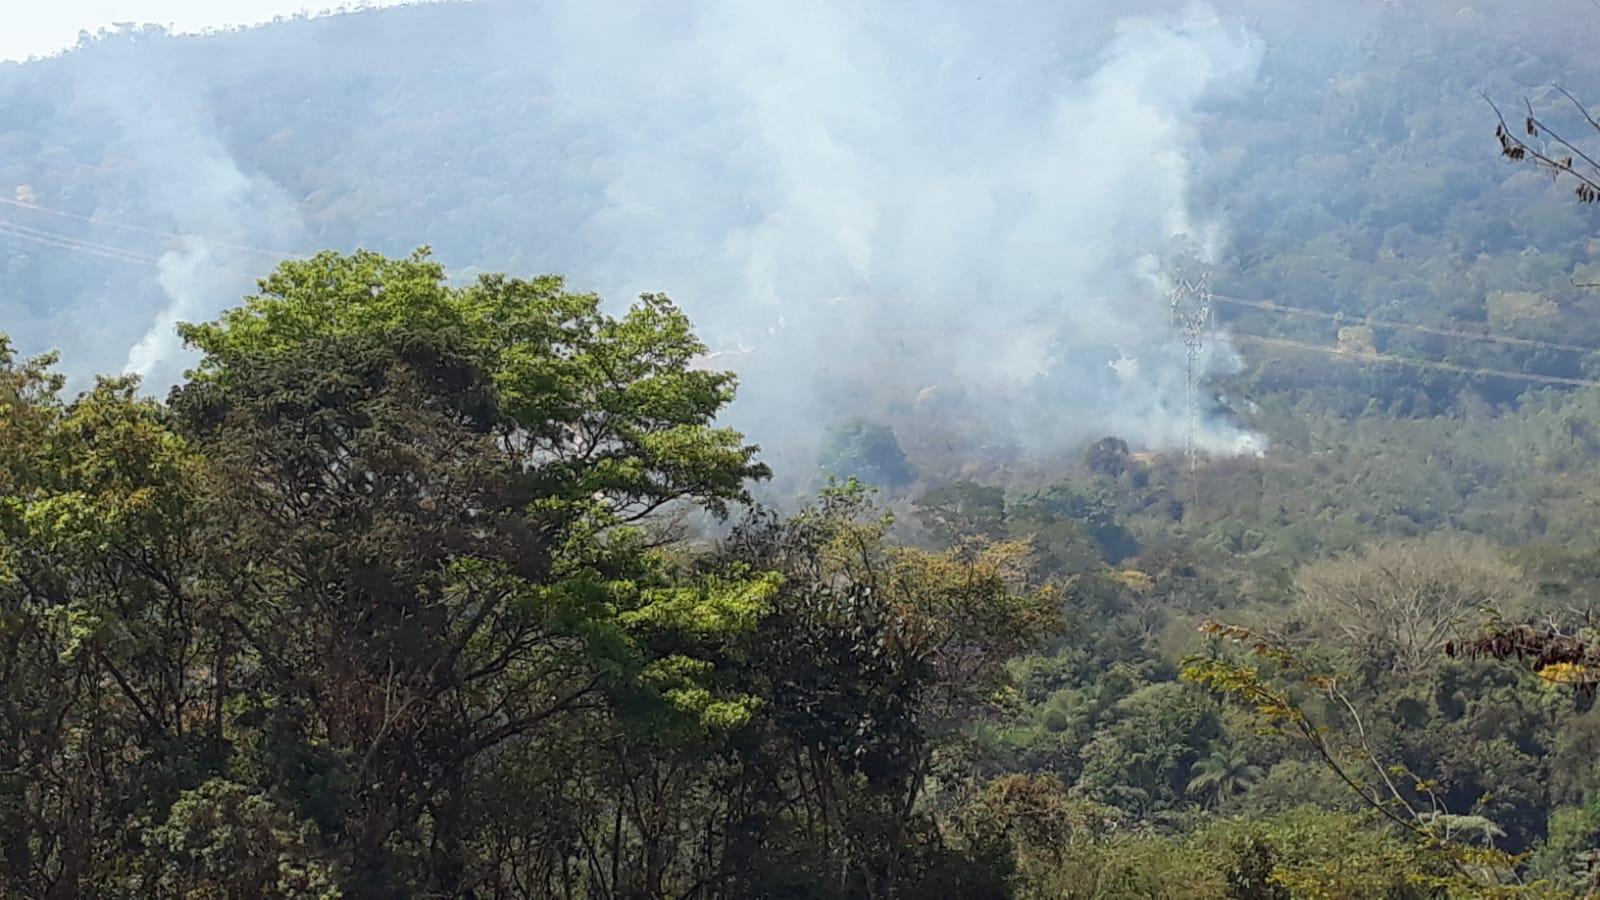 Incêndio atinge vegetação no Serra do Gandarela, em Nova Lima - Foto: Reprodução/Redes Sociais